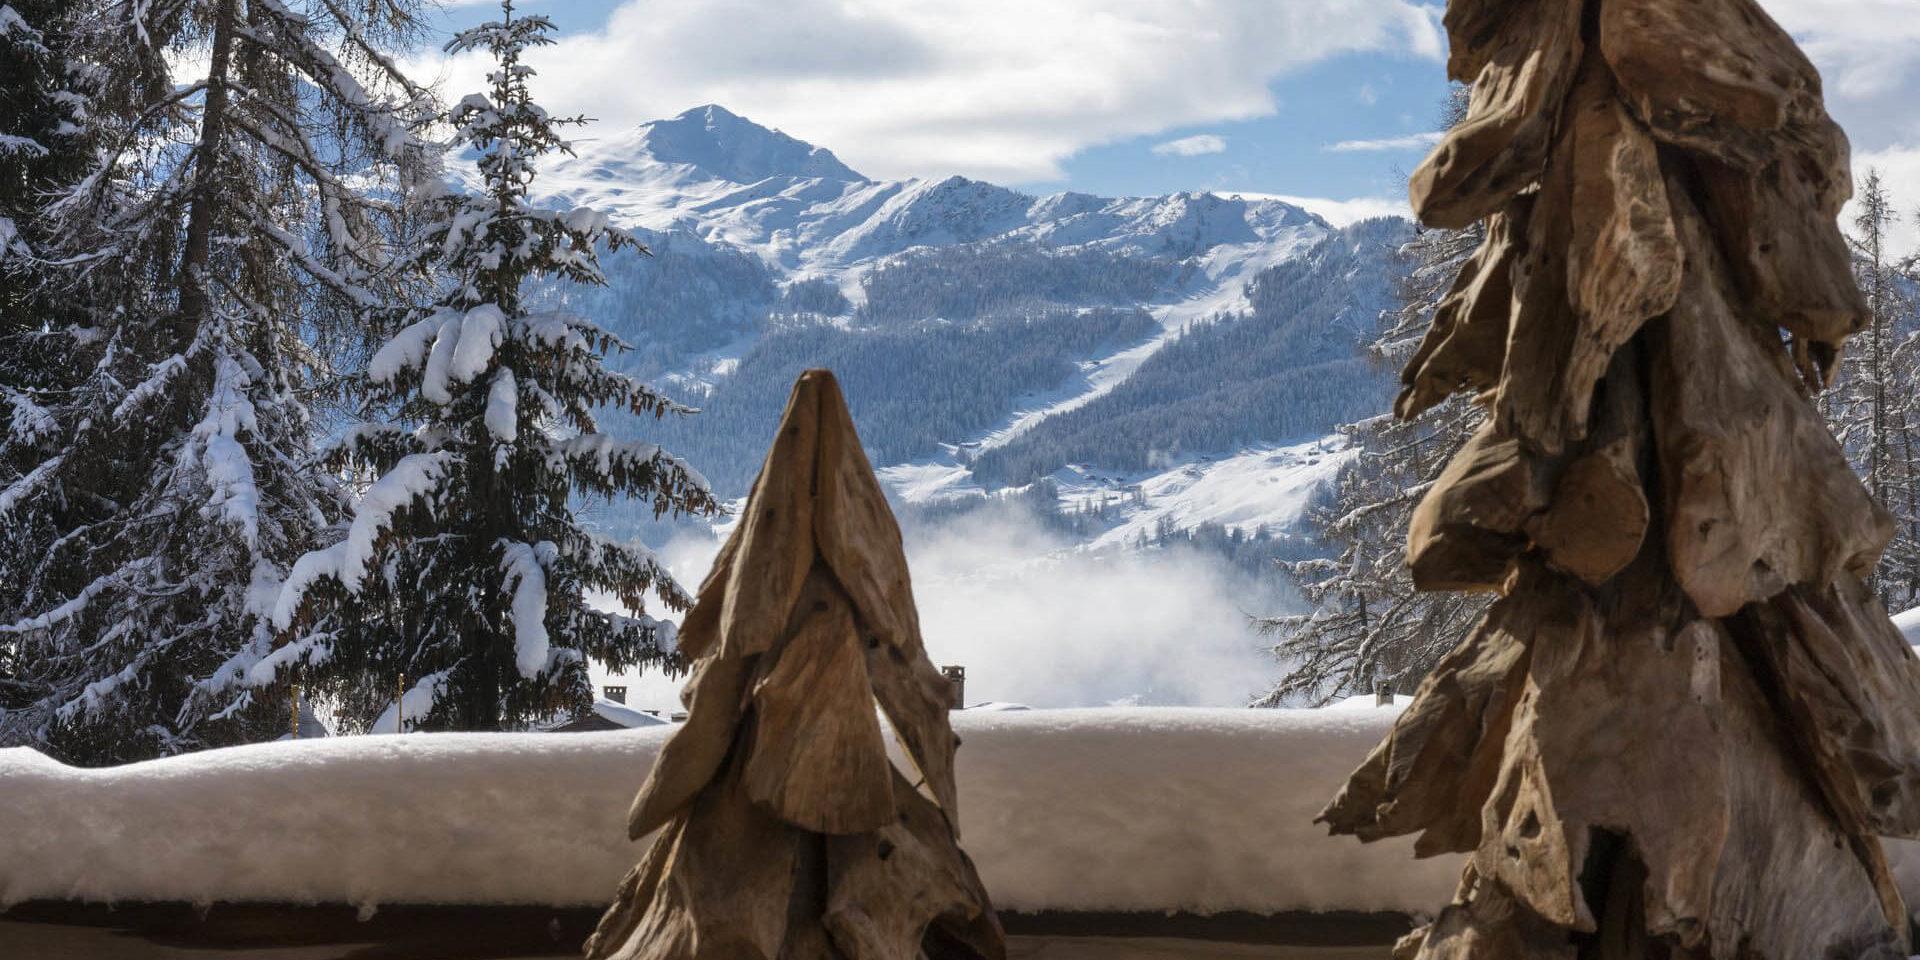 Appartement Rosalp 4 Verbier Les 4 Vallees Zwitserland wintersport skivakantie luxe uitzicht balkon besneeuwde bomen bergen sneeuw